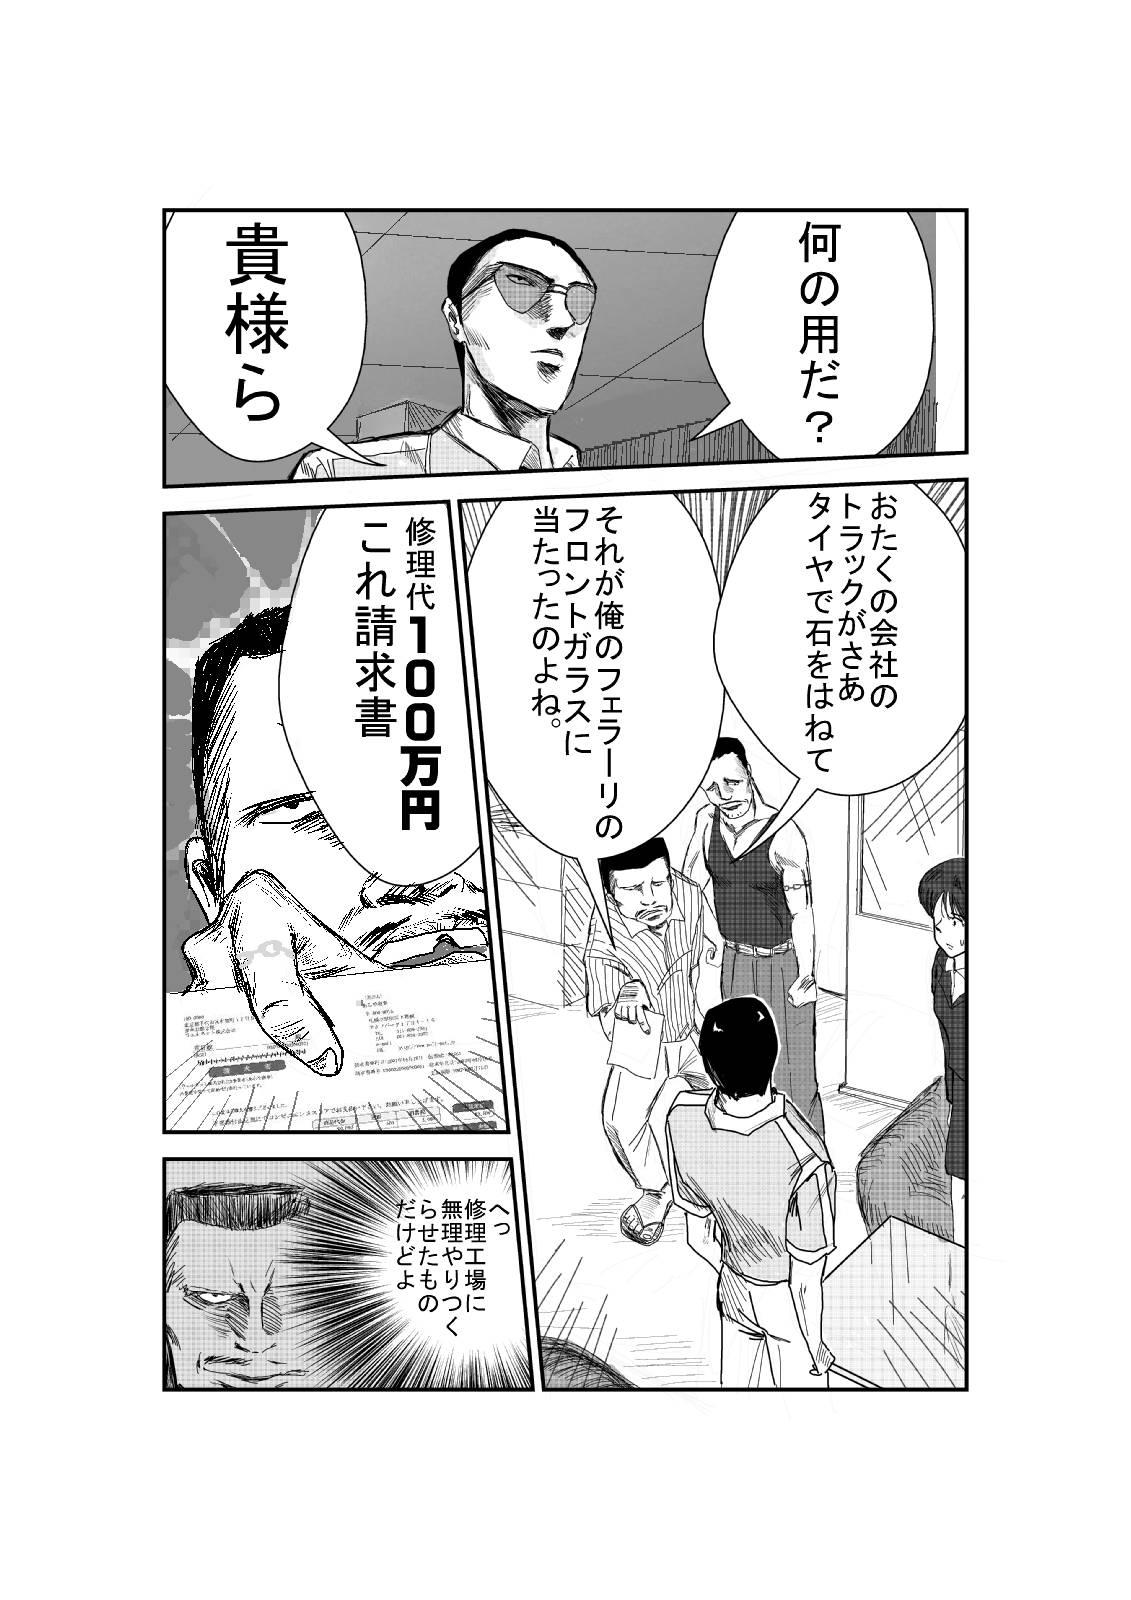 『アスファルト上のニーチェ』P5 円城京一と遠藤ユキ さやえんどう21